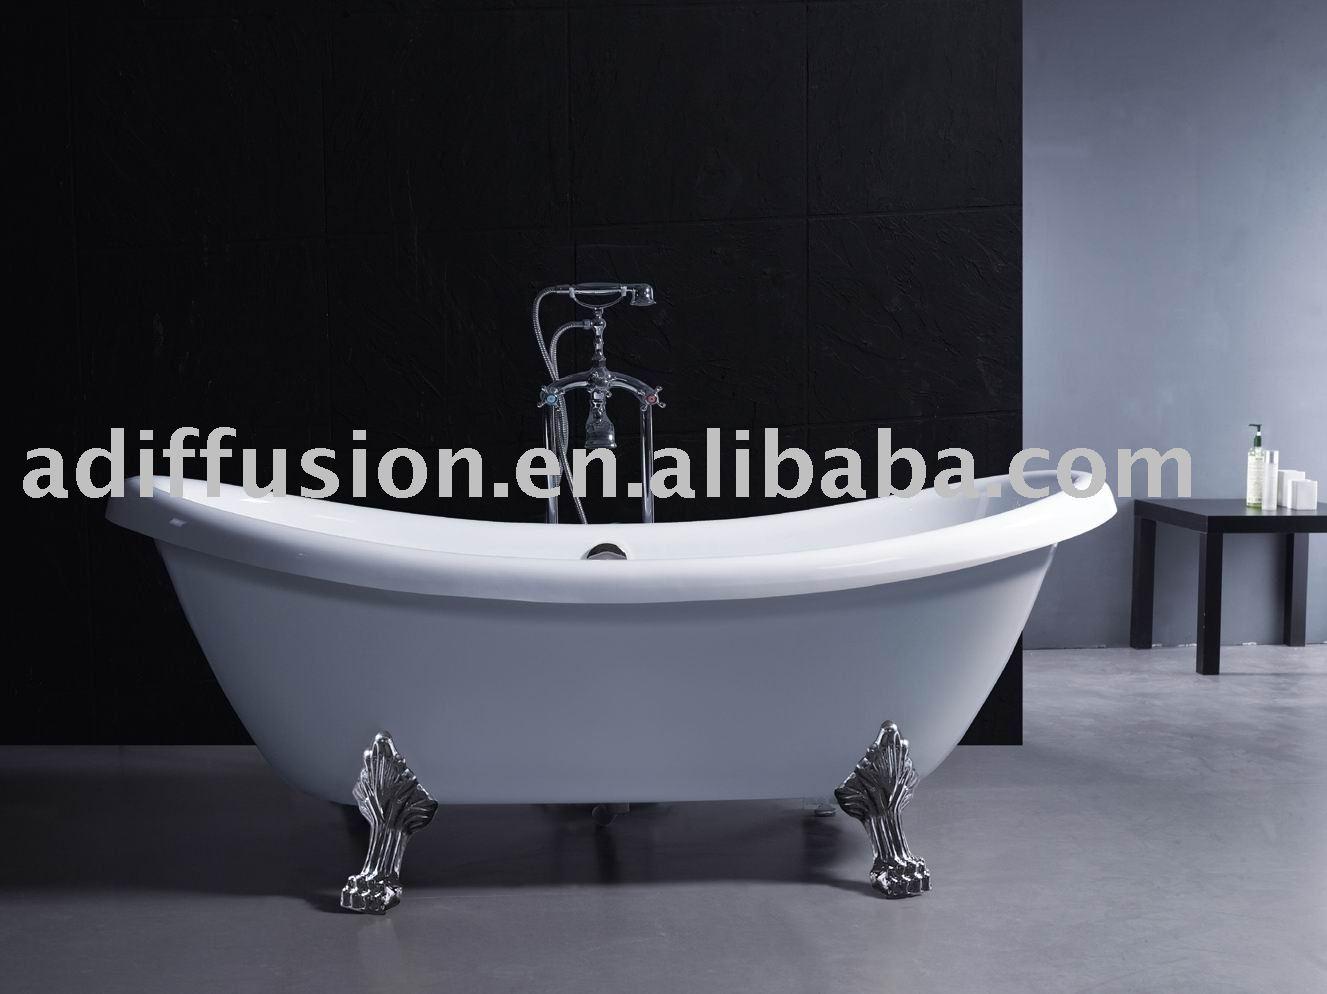 Large Plastic Bath Tub With Legs 807 - Buy Bathtub With Legs,Claw ...